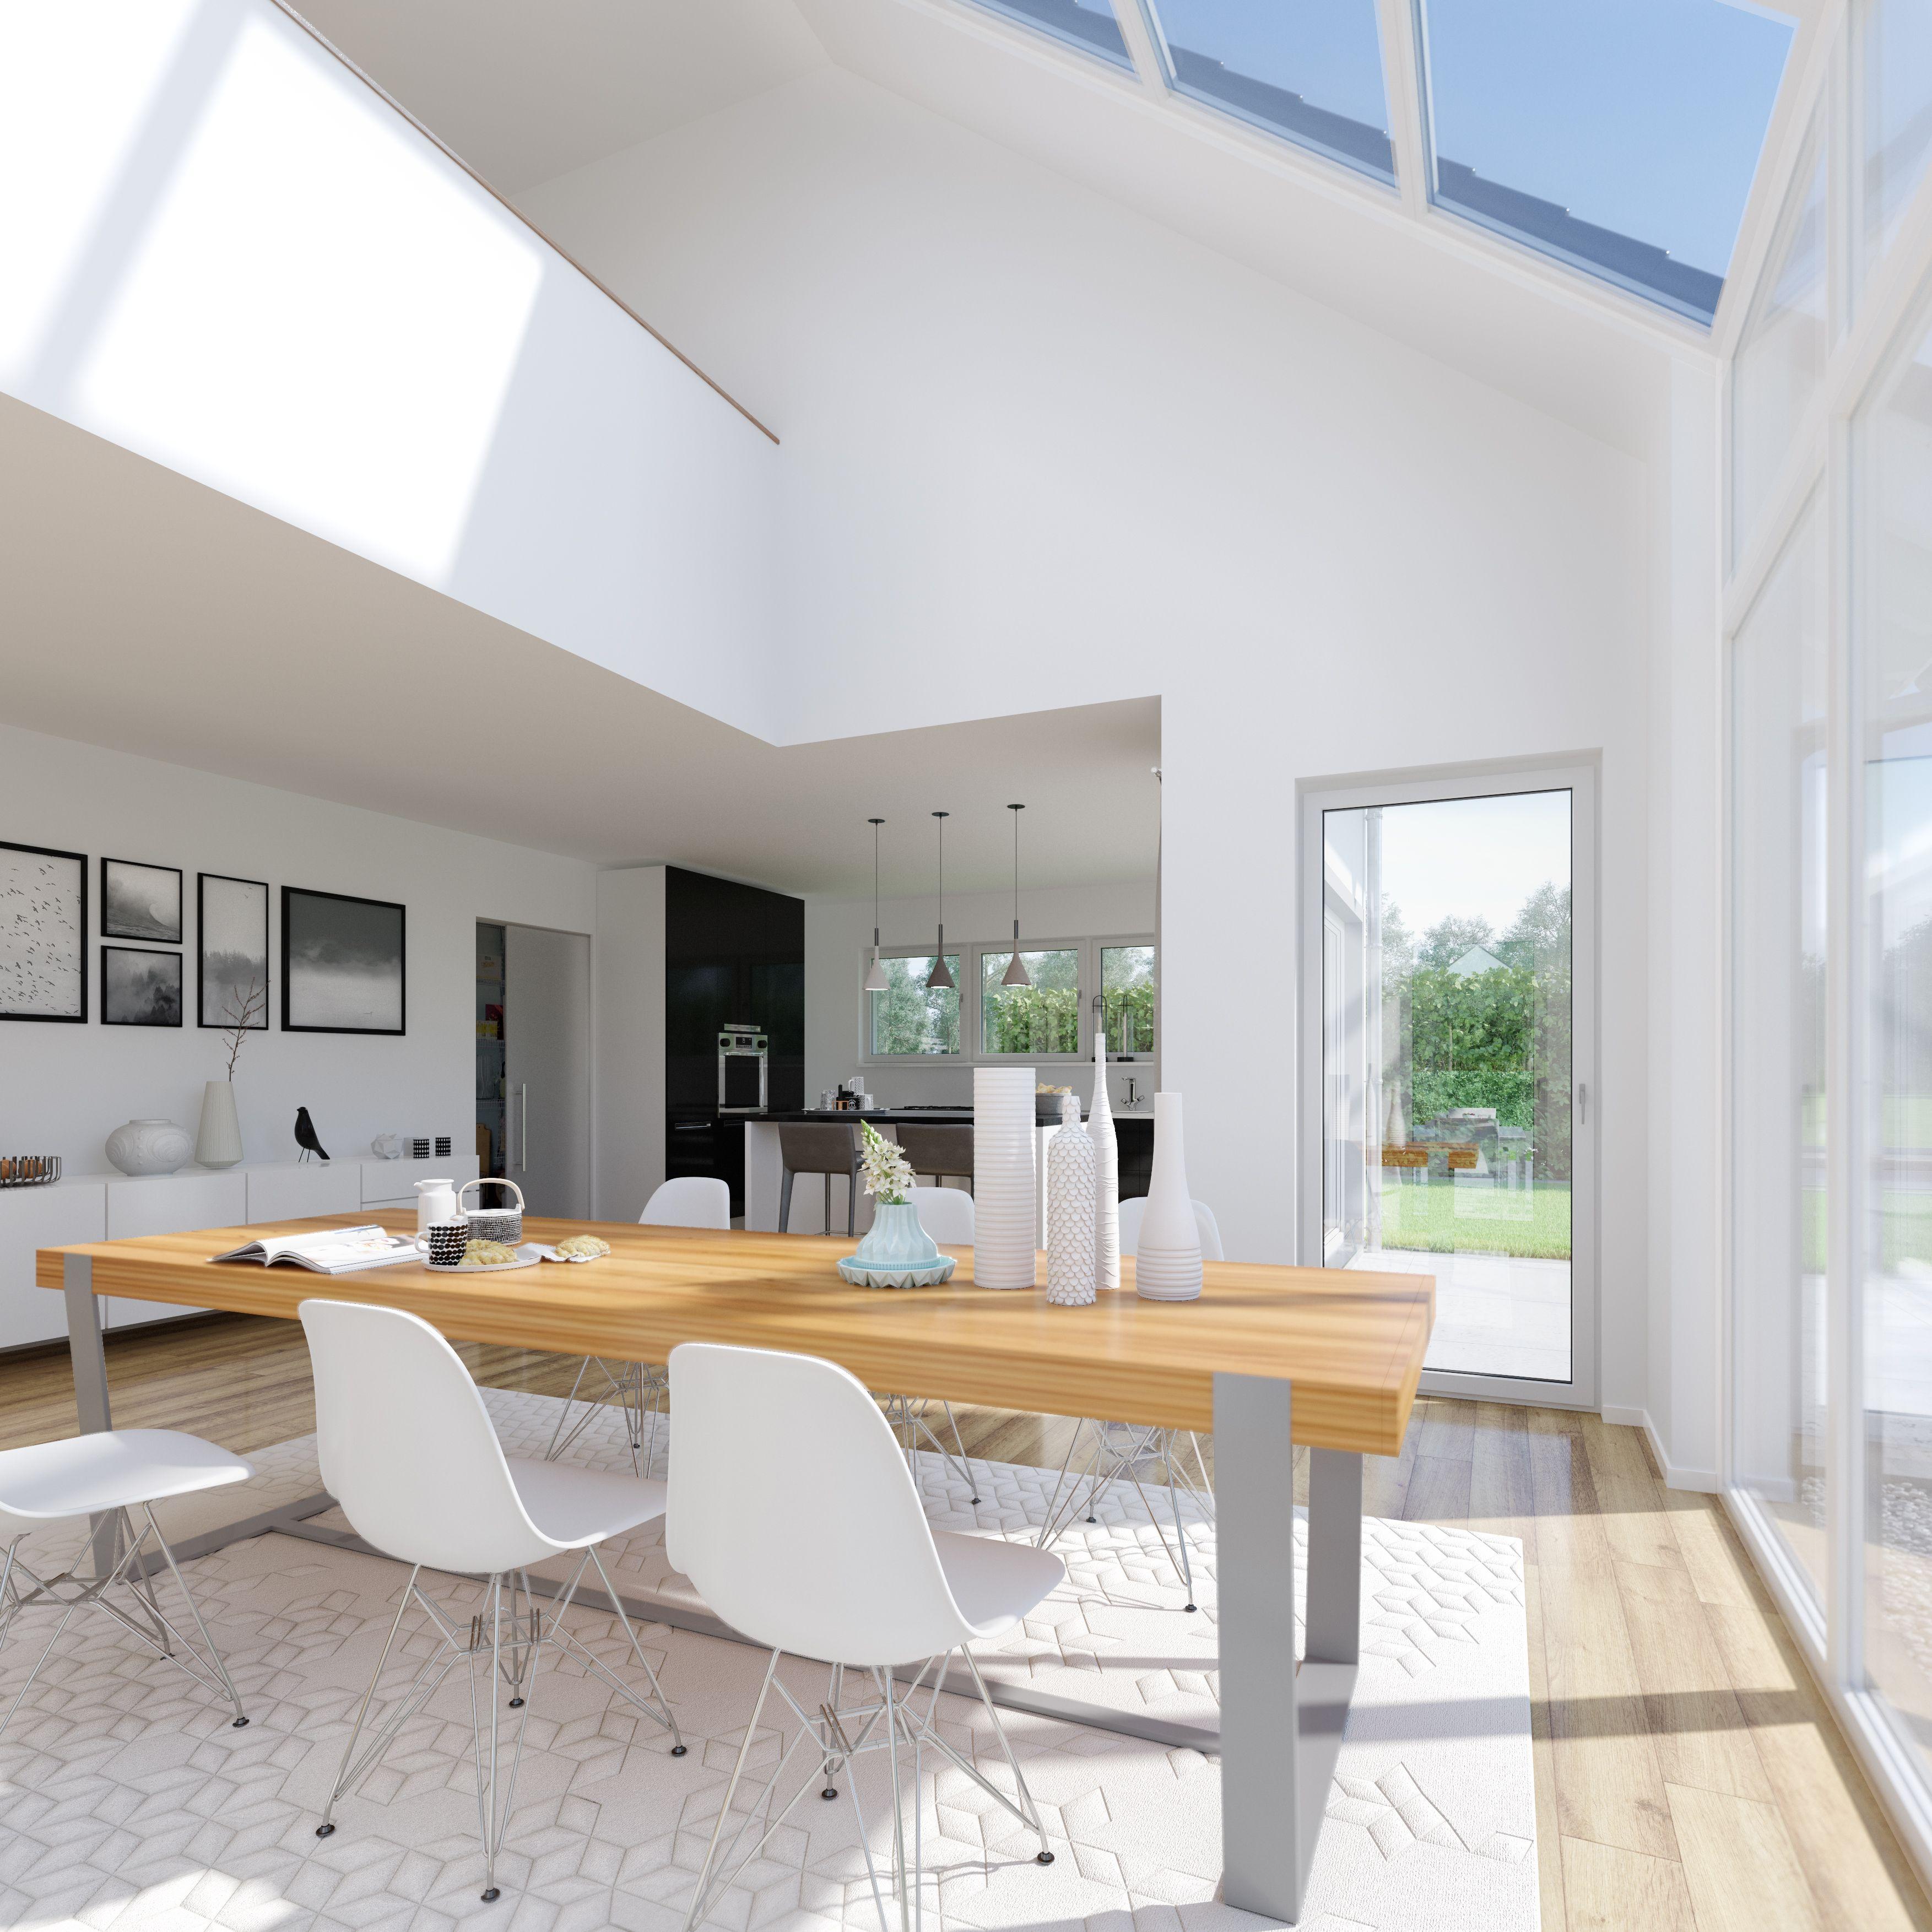 Häuser | Dachwohnung | Pinterest | Interiors, Bungalow and Architecture